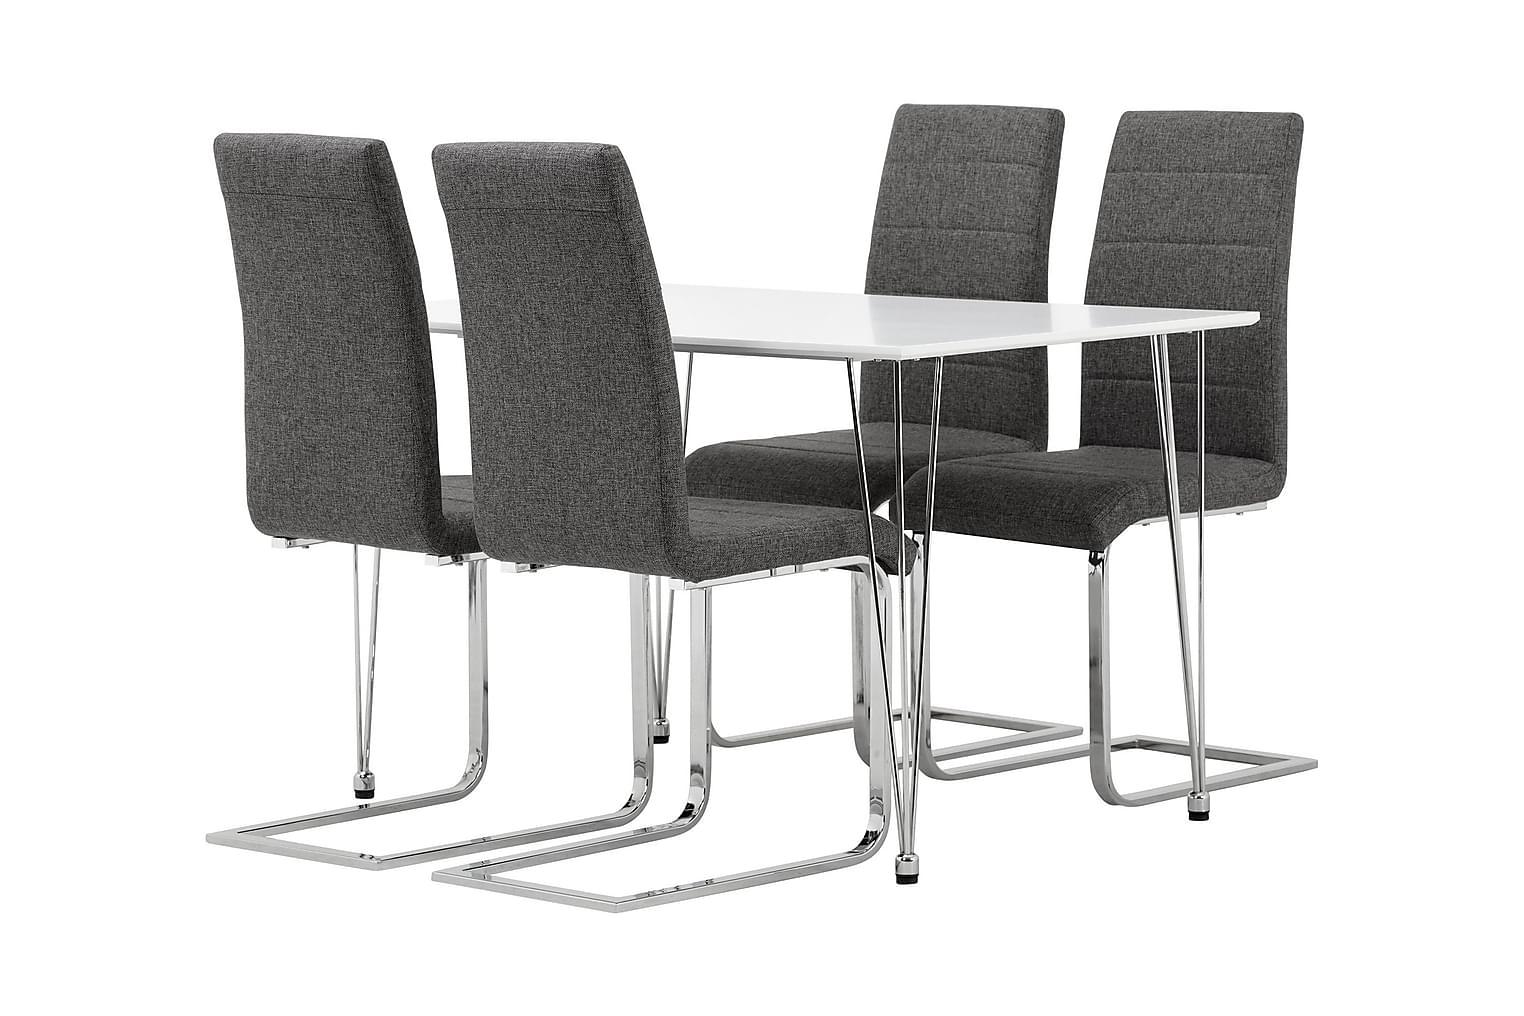 KRONBERG Pöytä 120 Valk + 4 EMÅN tuolia Harmaa